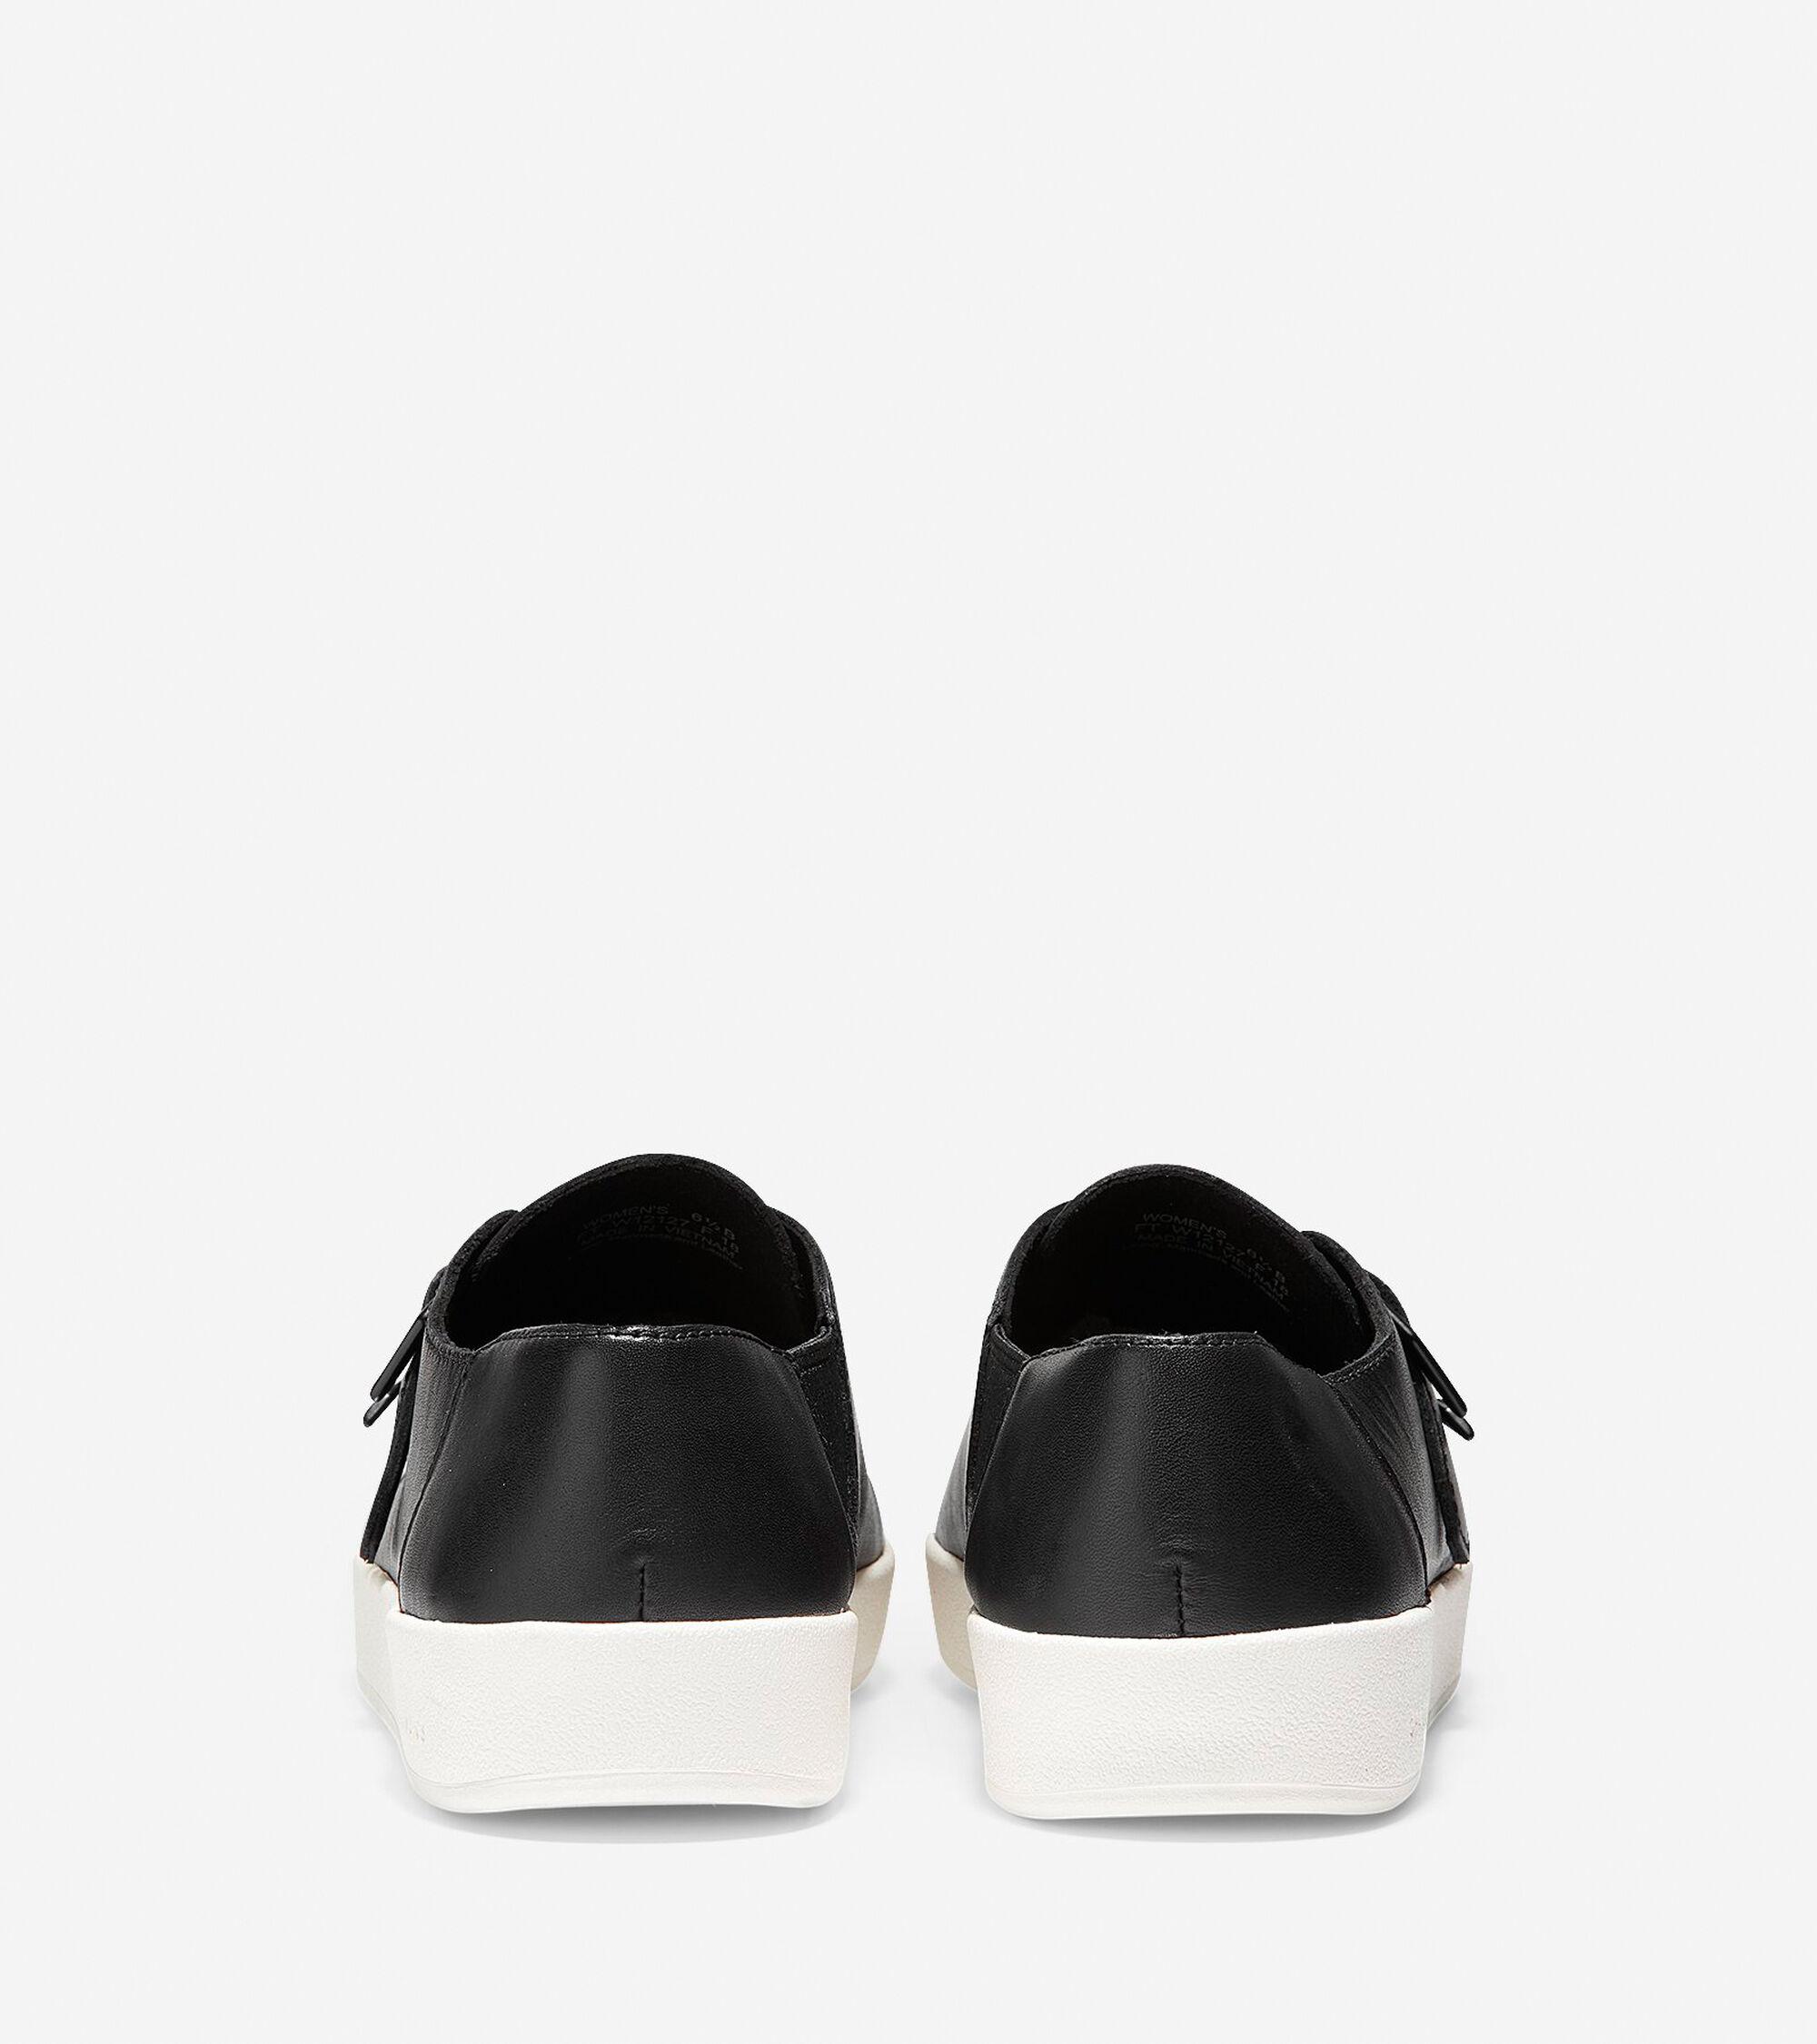 e164731a408b Women s GrandPro Spectator Monk Slip-On Sneakers in Black